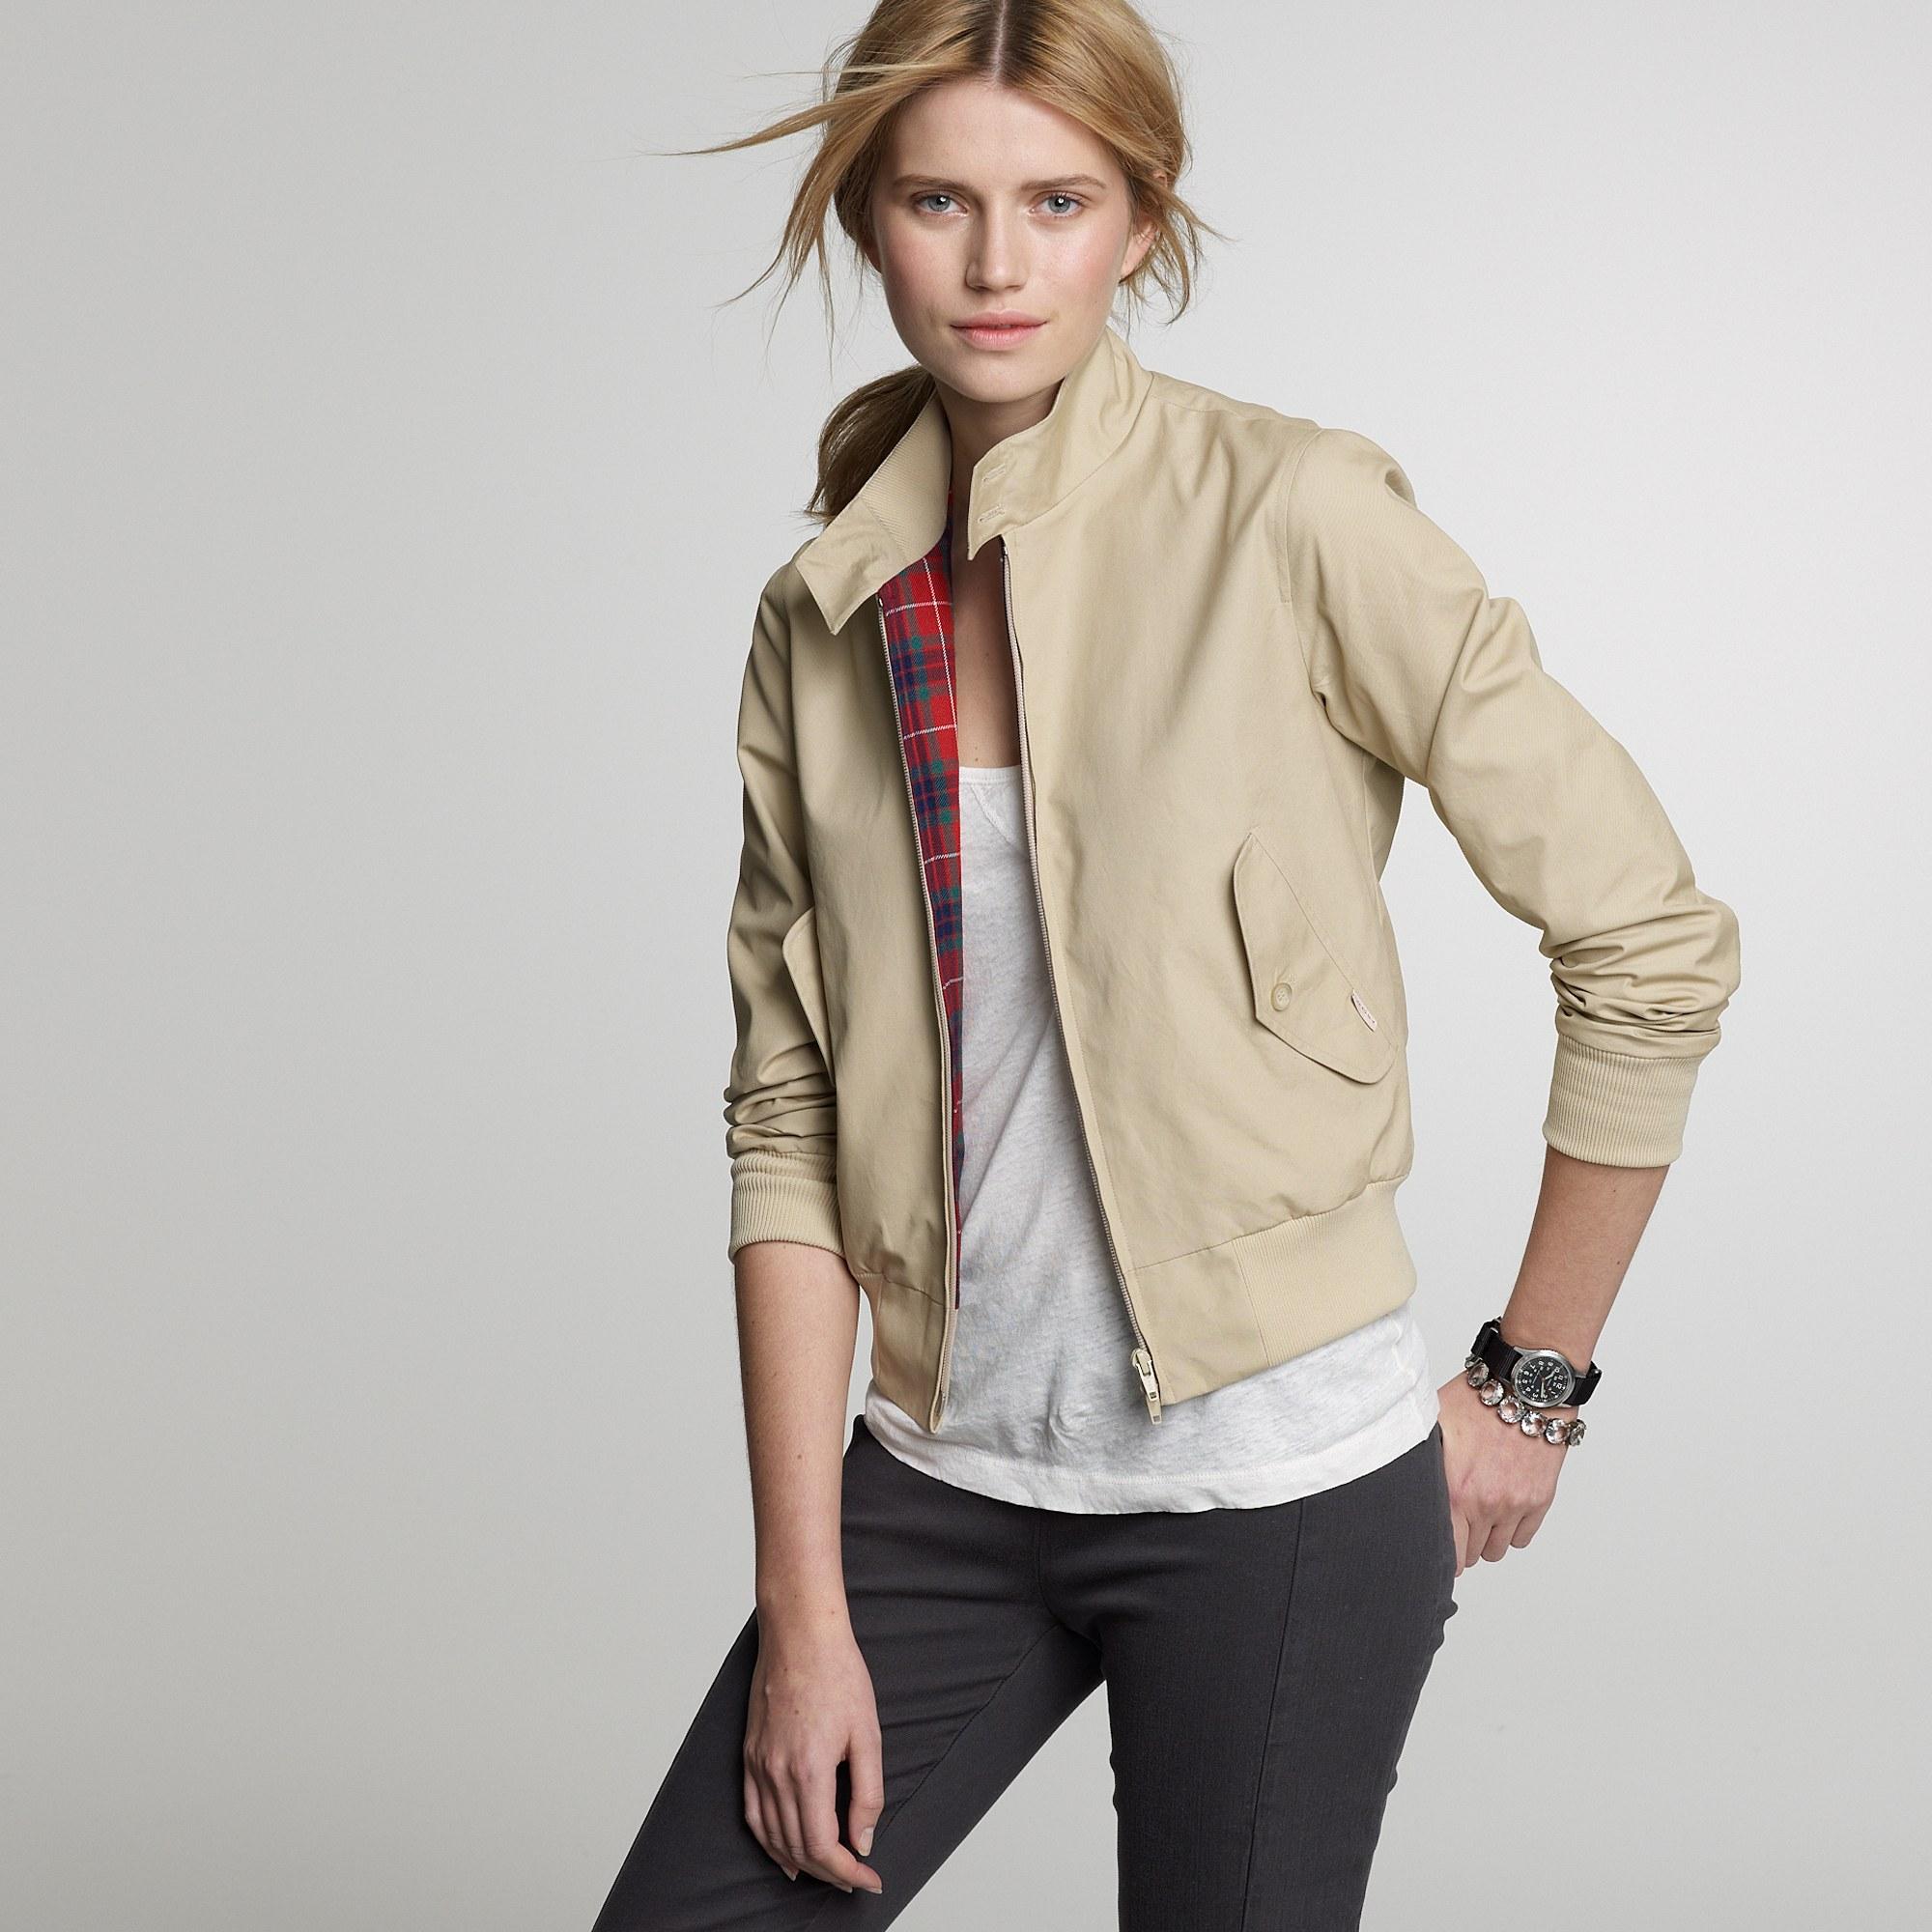 Lyst - J.Crew Baracuta® G10 Slim-fit Jacket in Natural d9b38288e7